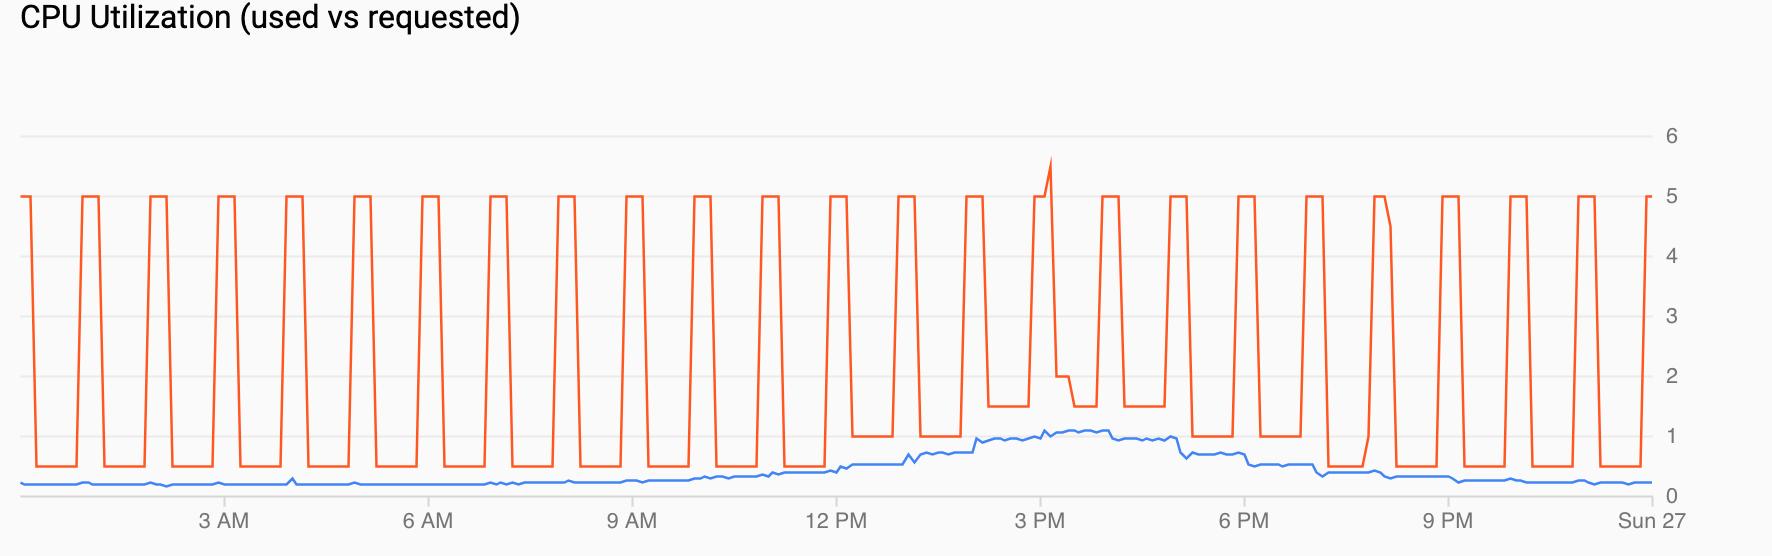 Gráfico del uso de CPU, que muestra la demanda que aumenta durante el día hasta las 4:00 p.m. y, luego, disminuye.